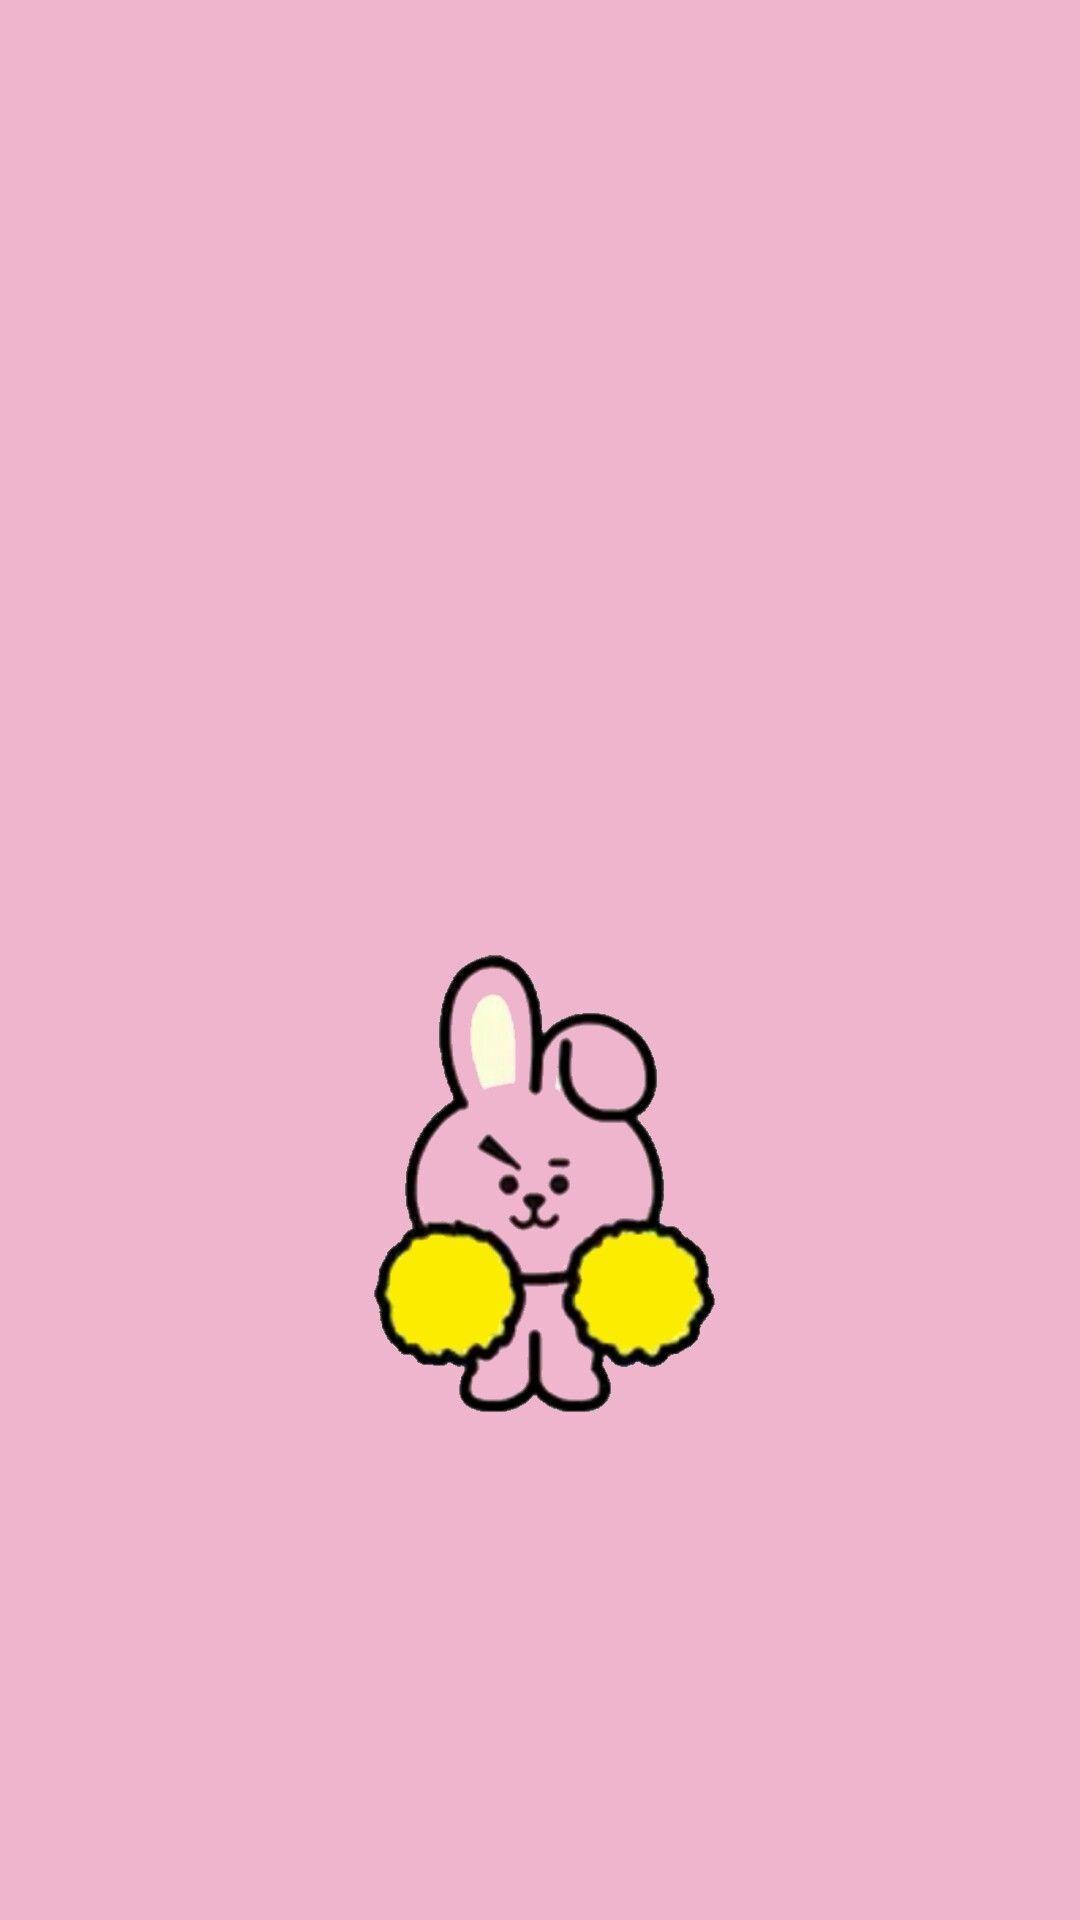 1080x1920 Pinkish Tough Bunny COOKY #eyebrows.  BT21 hình nền vào năm 2019. BTS